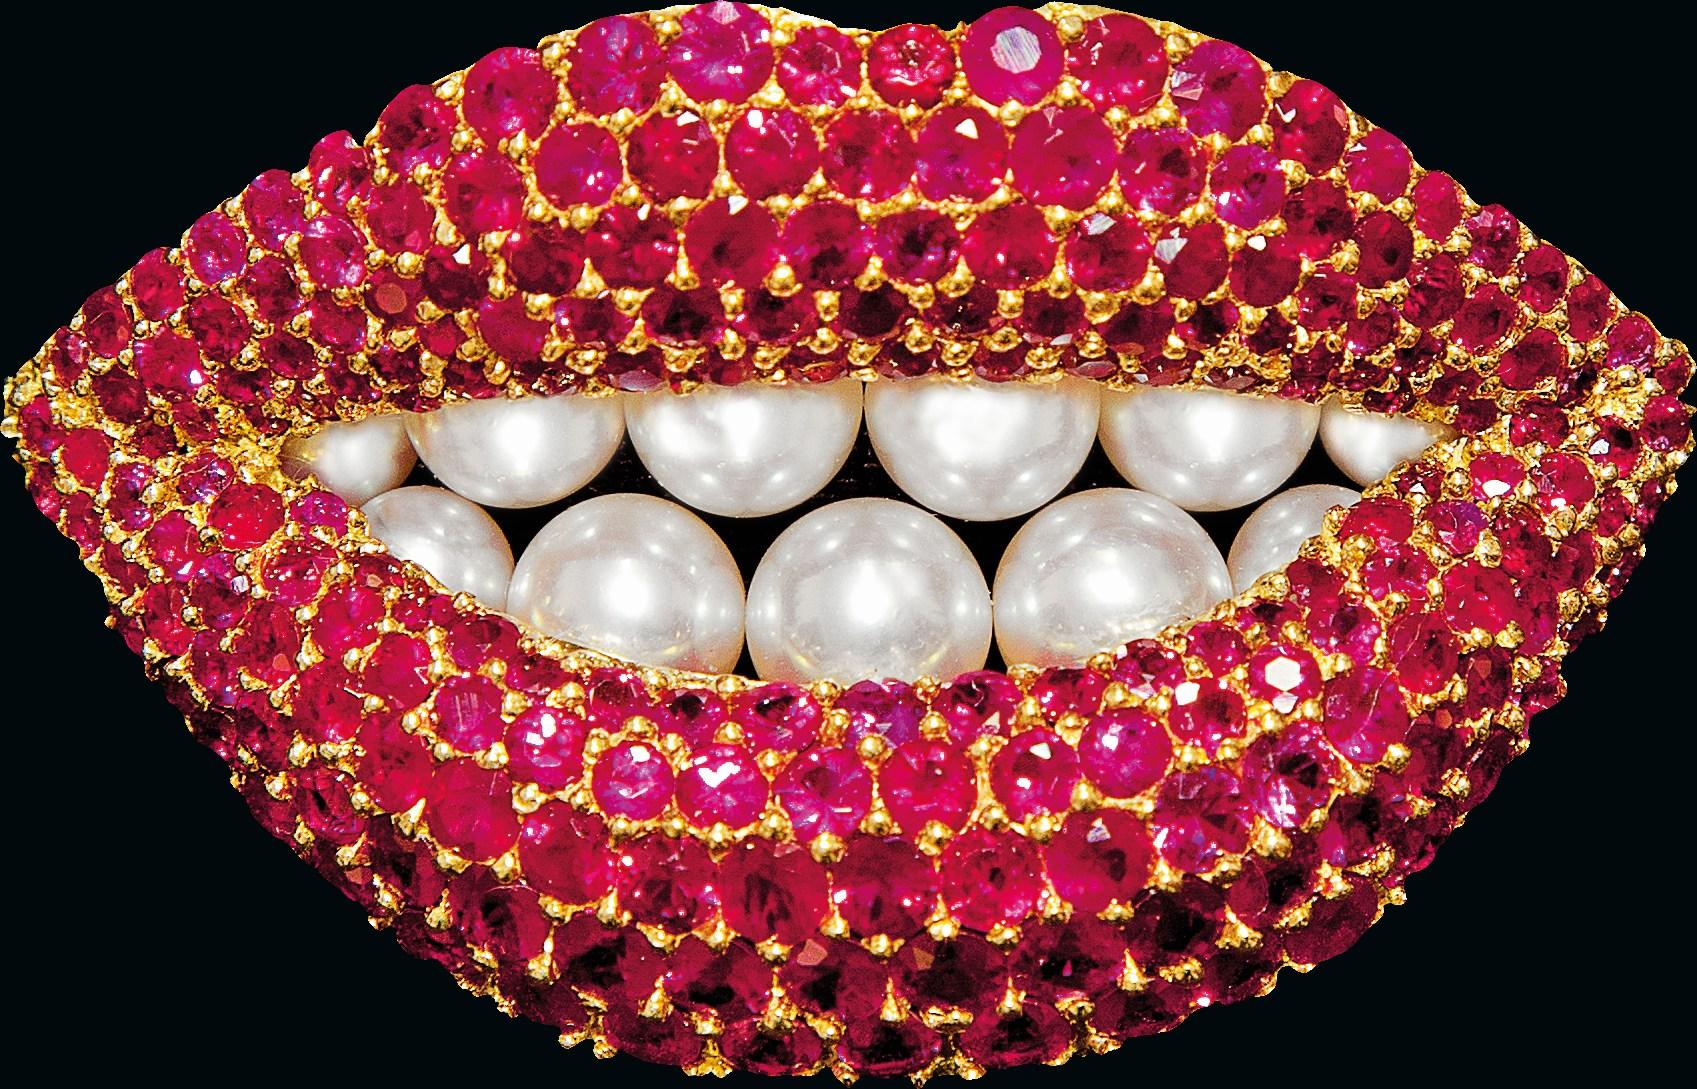 Salvador Dalí, Ruby Lips (reproductie door Henryk Kaston), circa 1980. Particuliere collectie. Foto met dank aan ADAGP, Robin Hill©